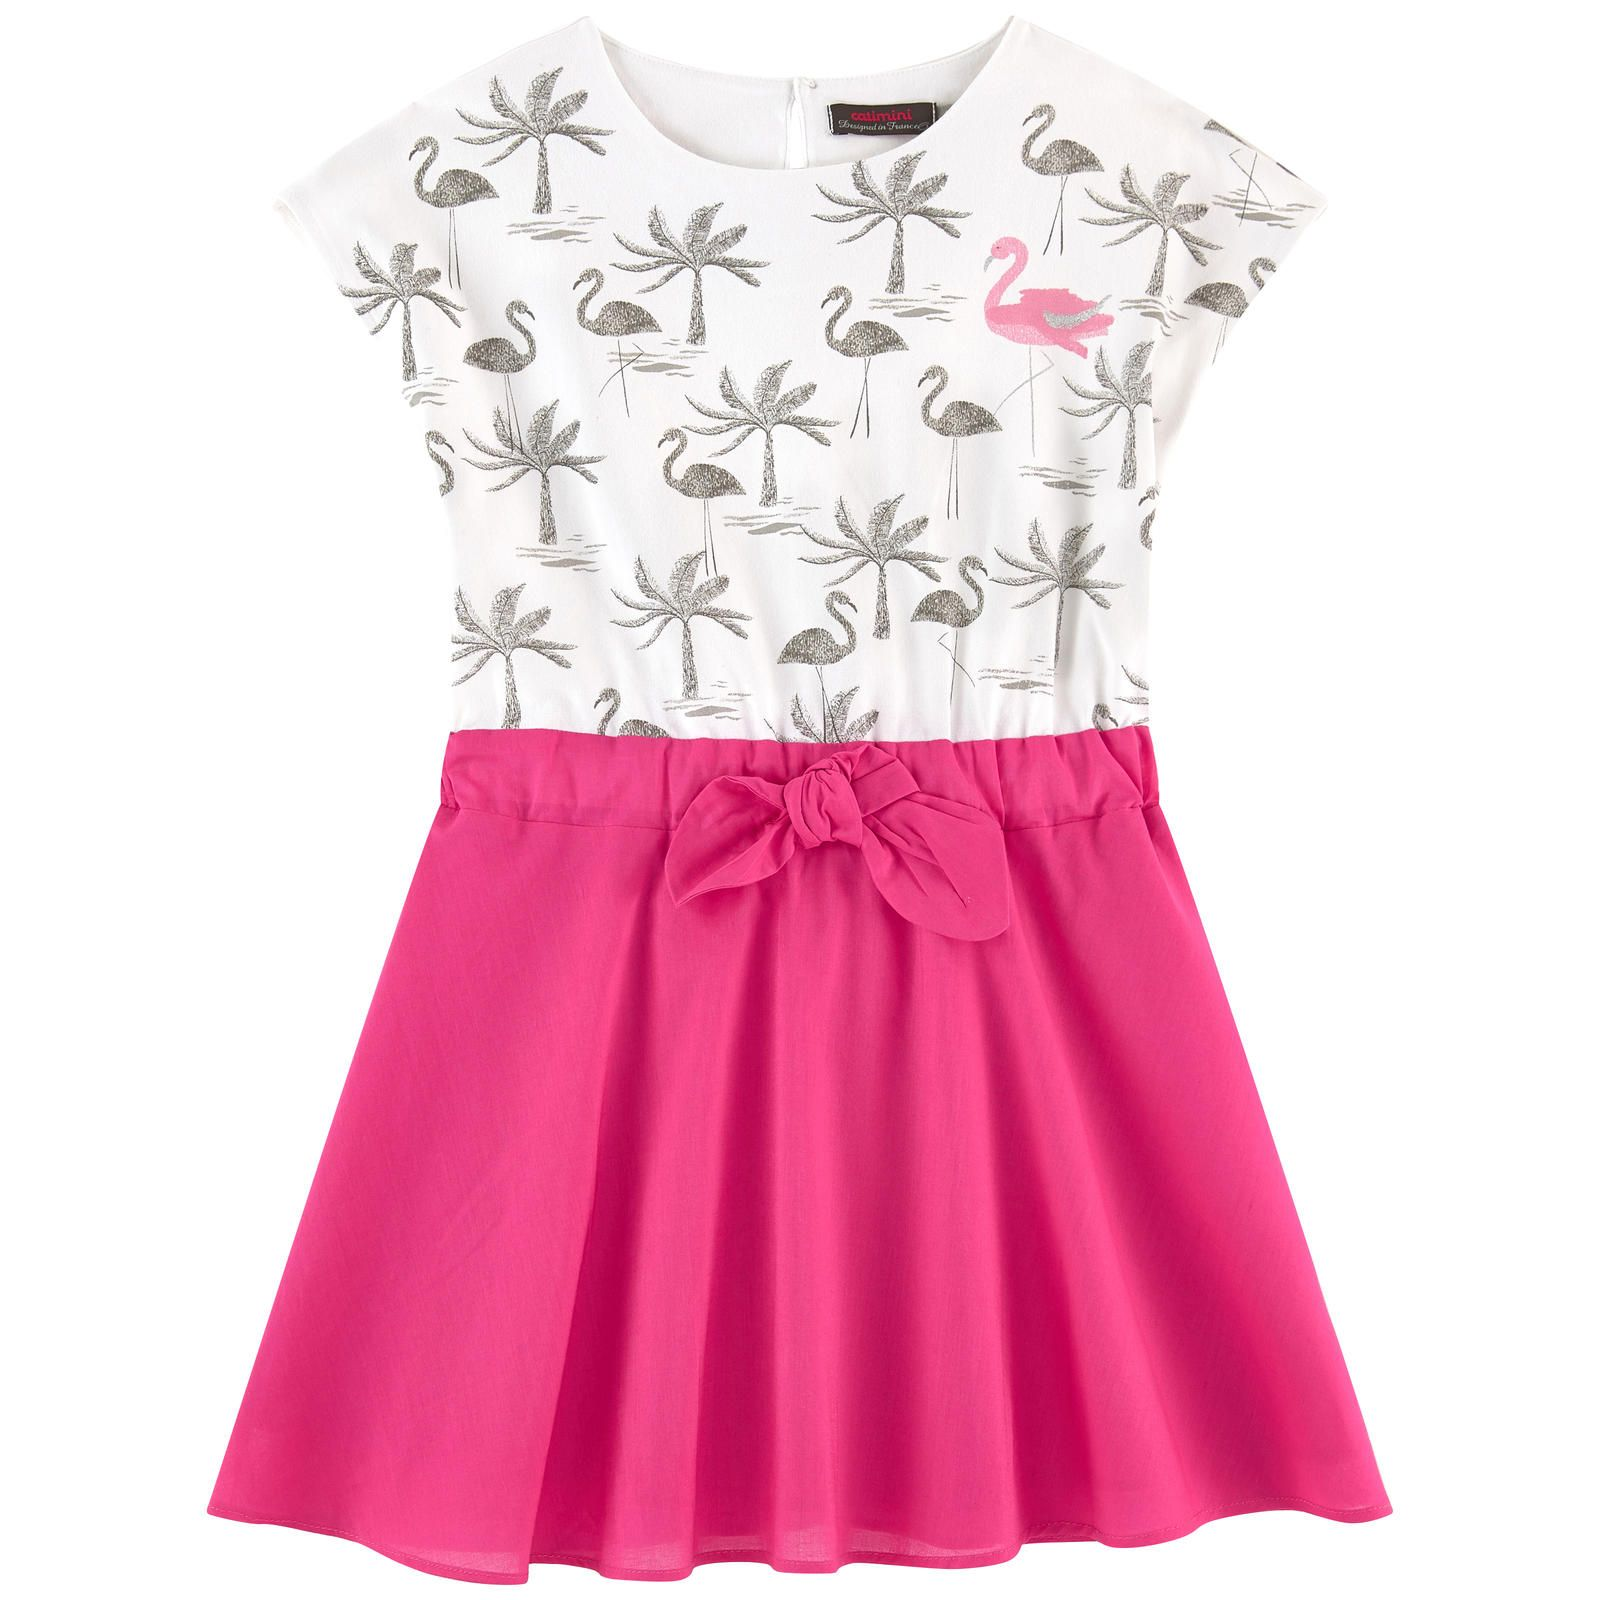 d563a86ad6c Bi-material dress - 161720